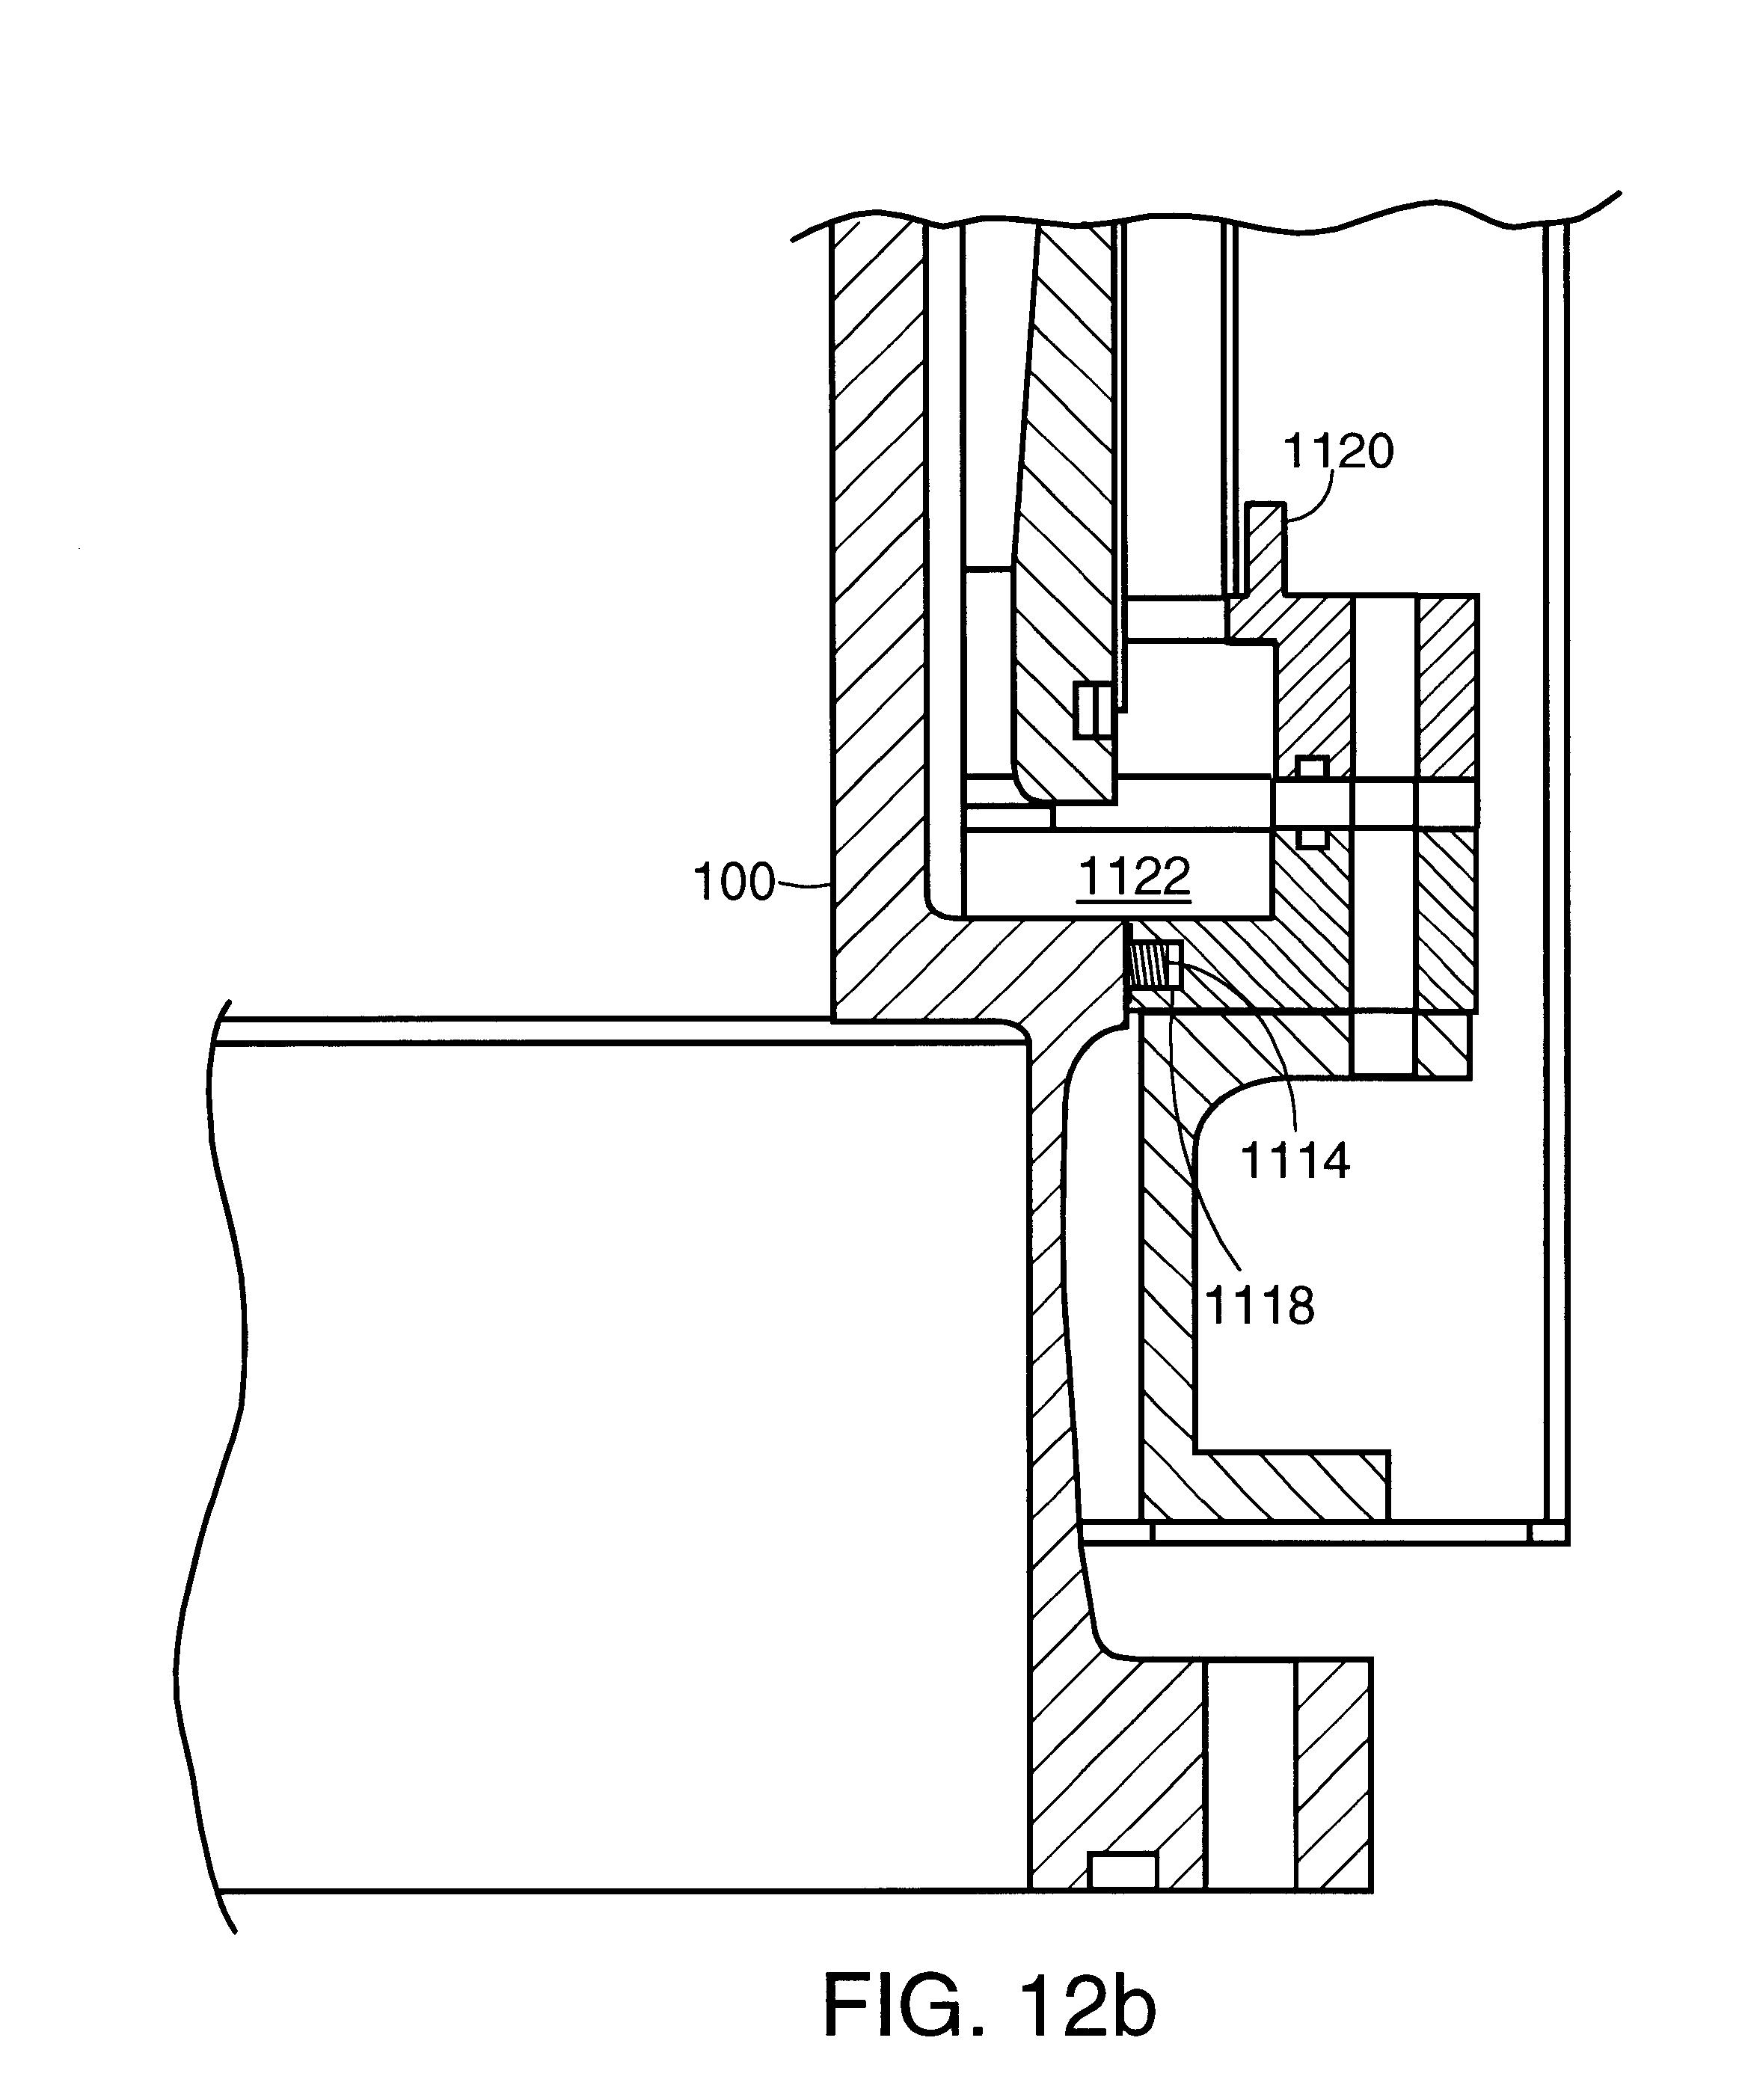 2004 sterling acterra wiring diagram